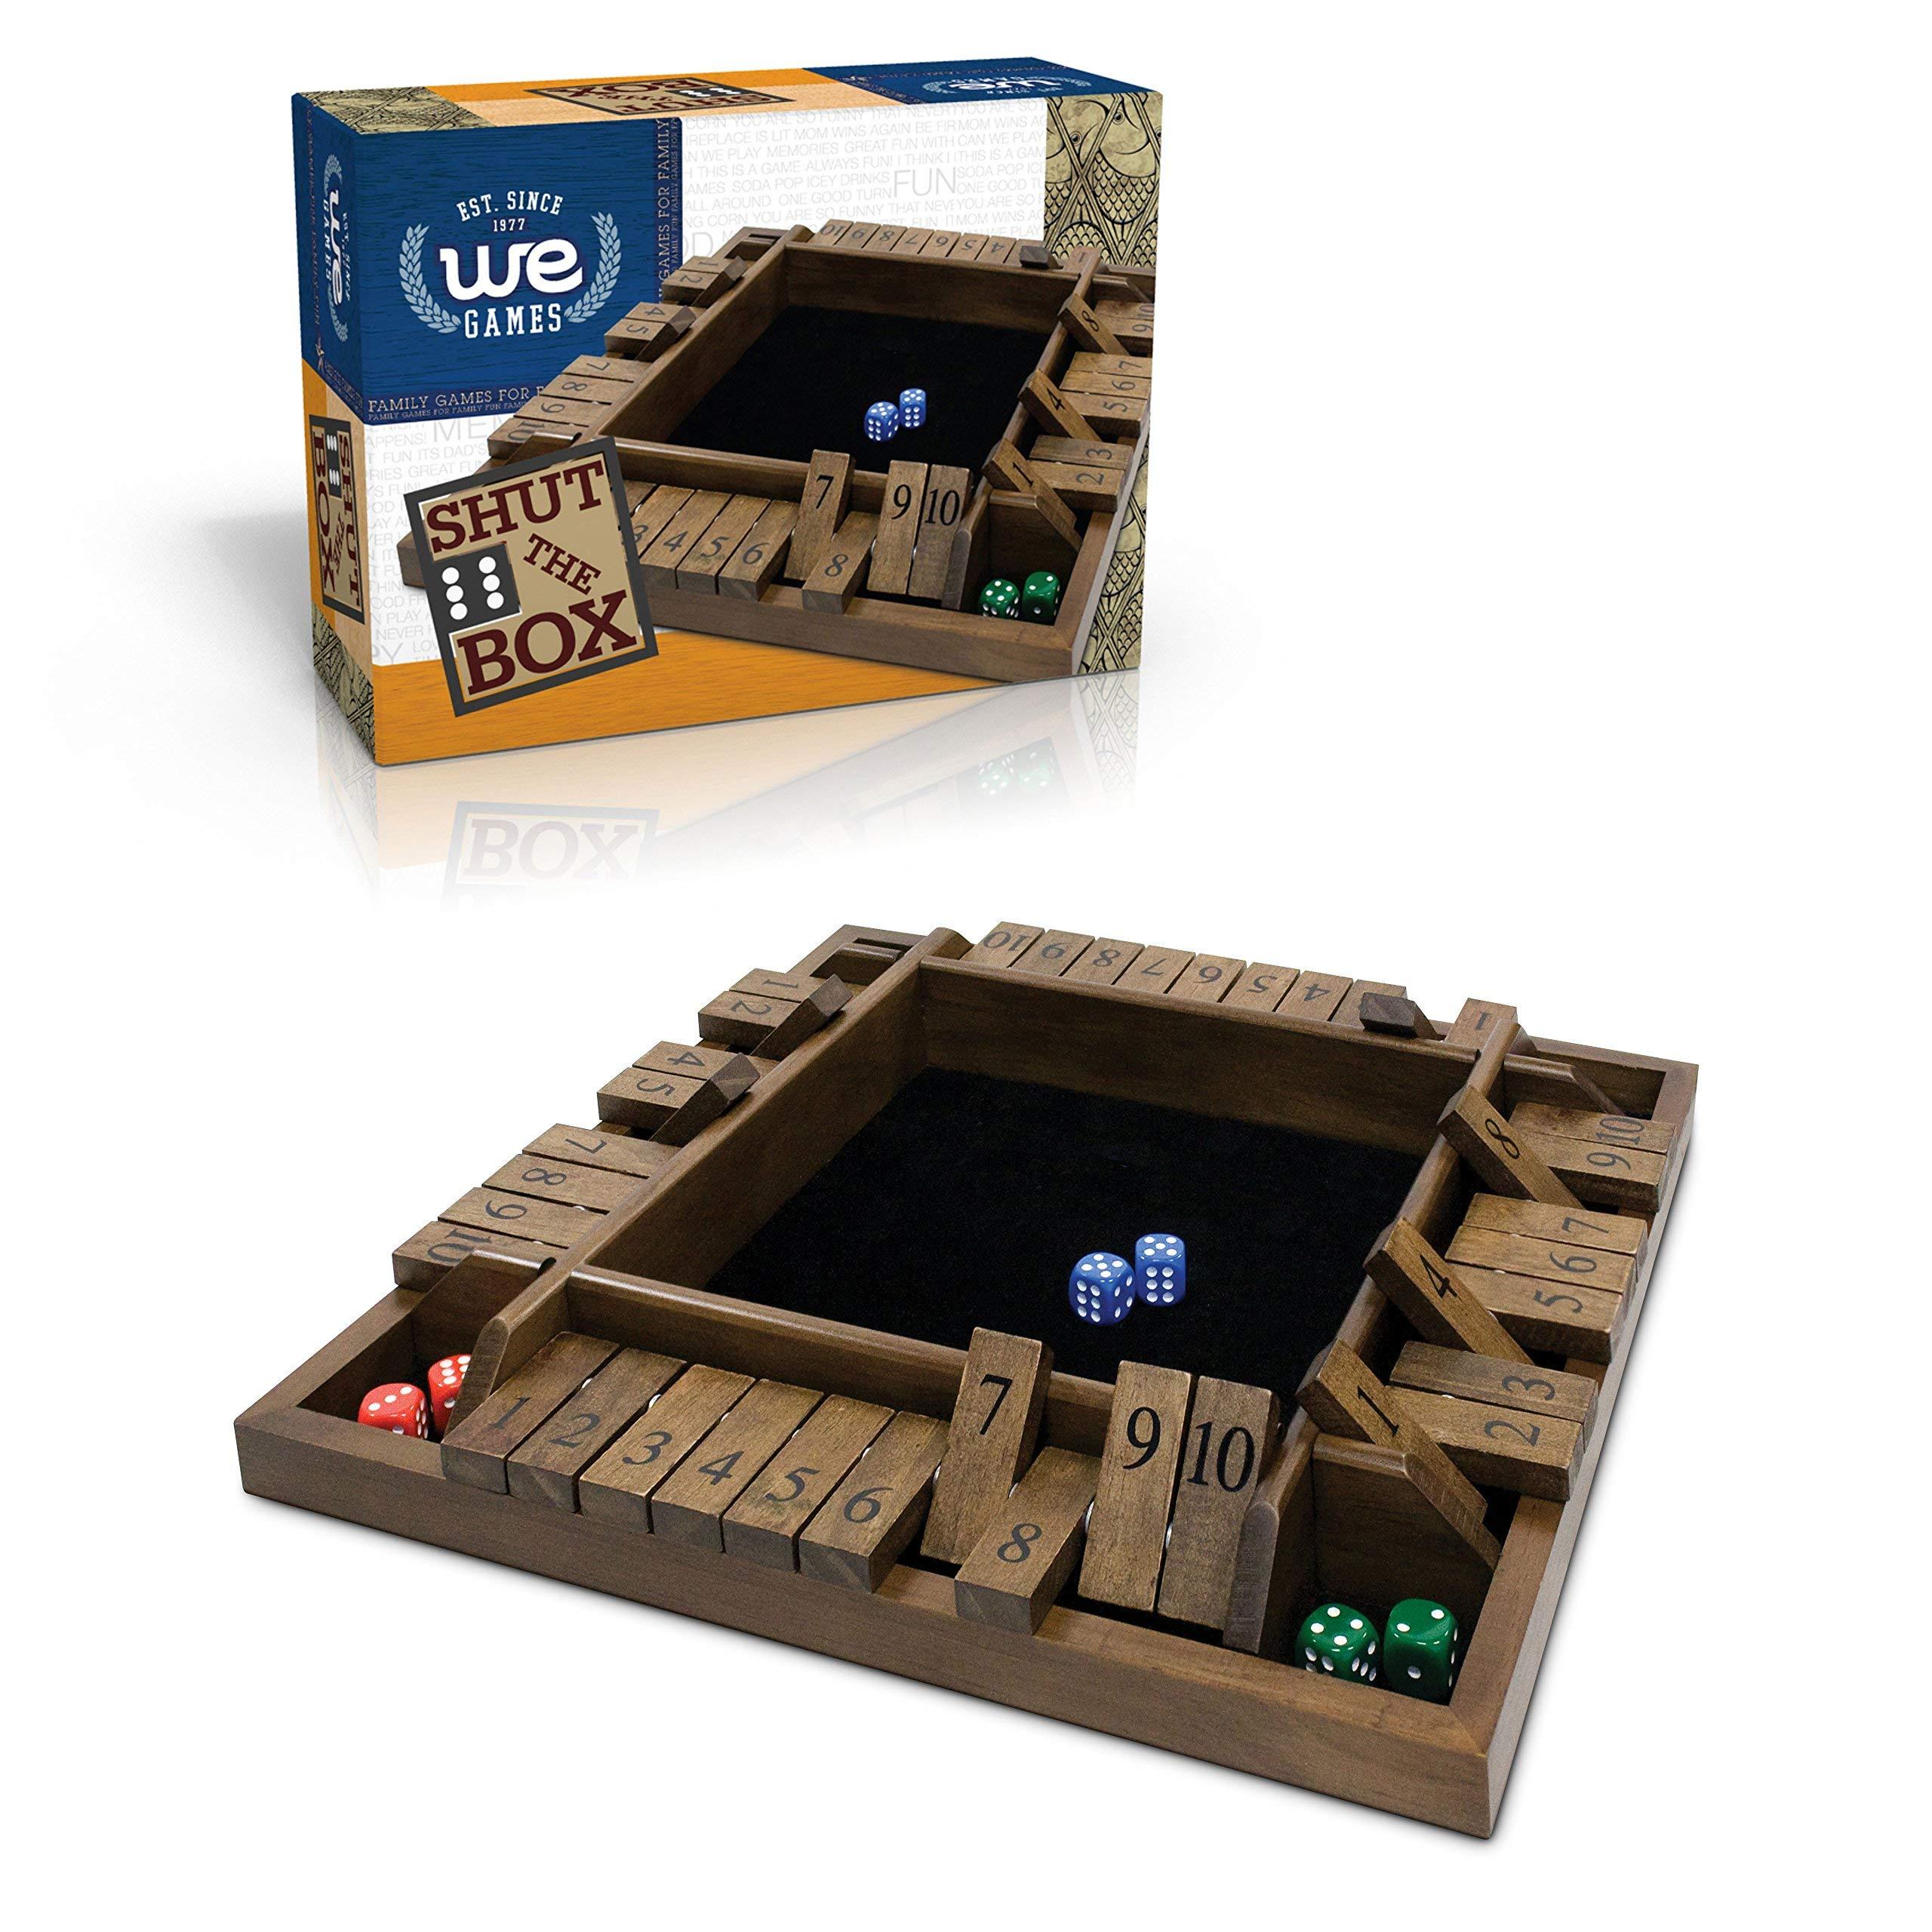 1set 4-Way Shut The Box Dice Game 4 Sided Grand Jeu de soci/ét/é Jouet intelligent Jeu en bois en bois pour apprendre les chiffres strat/égie et jeux de d/és de gestion des risques pour les familles Vert